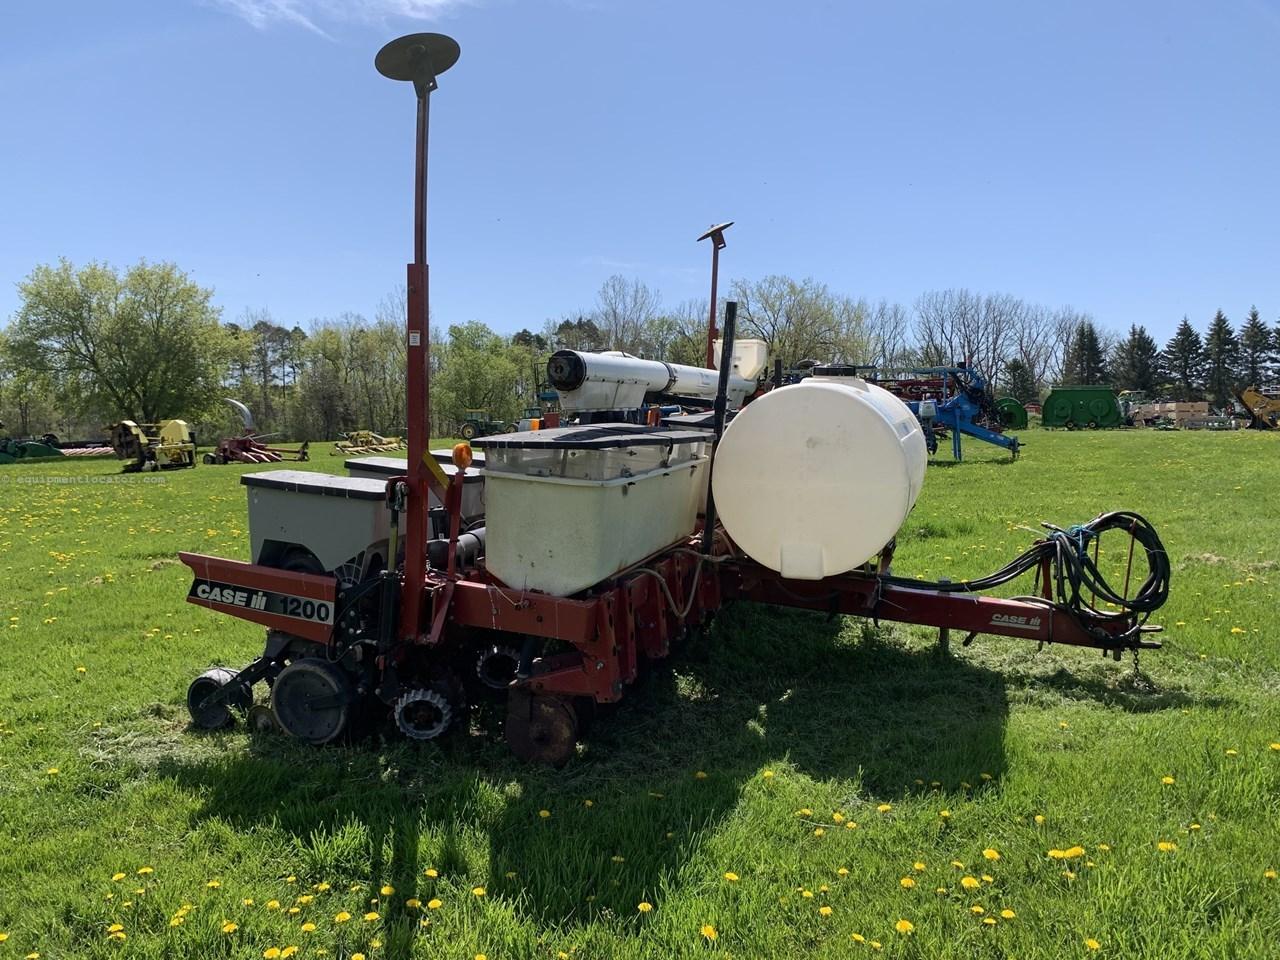 Case IH 1200 Image 1